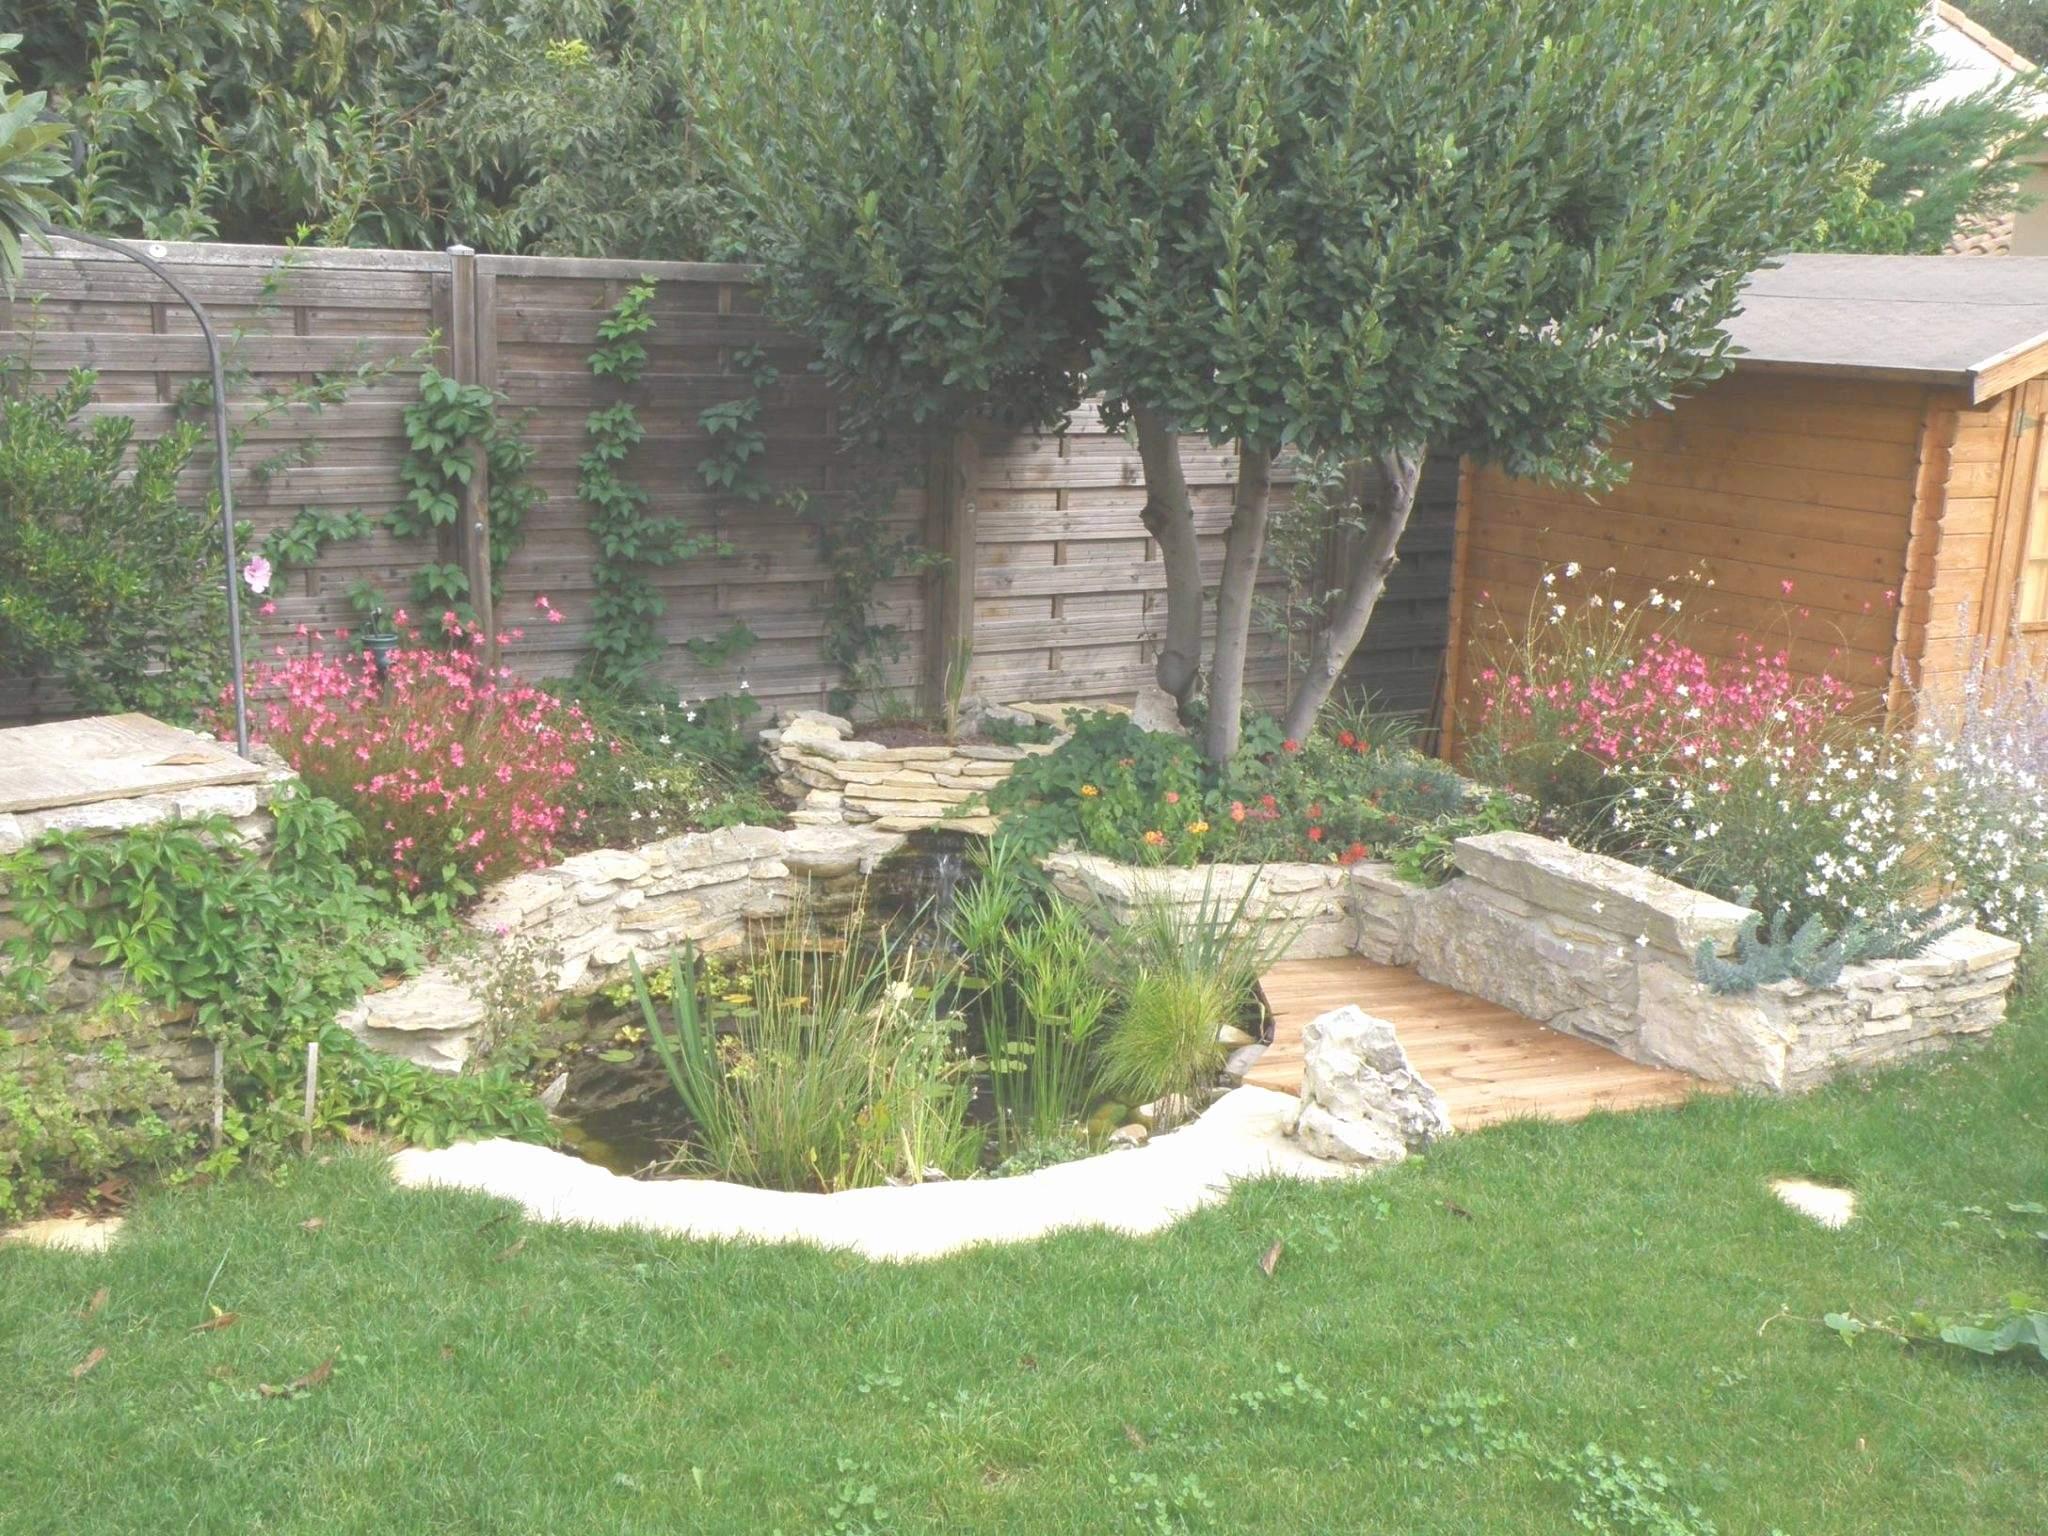 Bassin Jardin Moderne Unique Photos Idee Jardin Deco Moderne Deco Bassin De Jardin Génial Deco Jardin